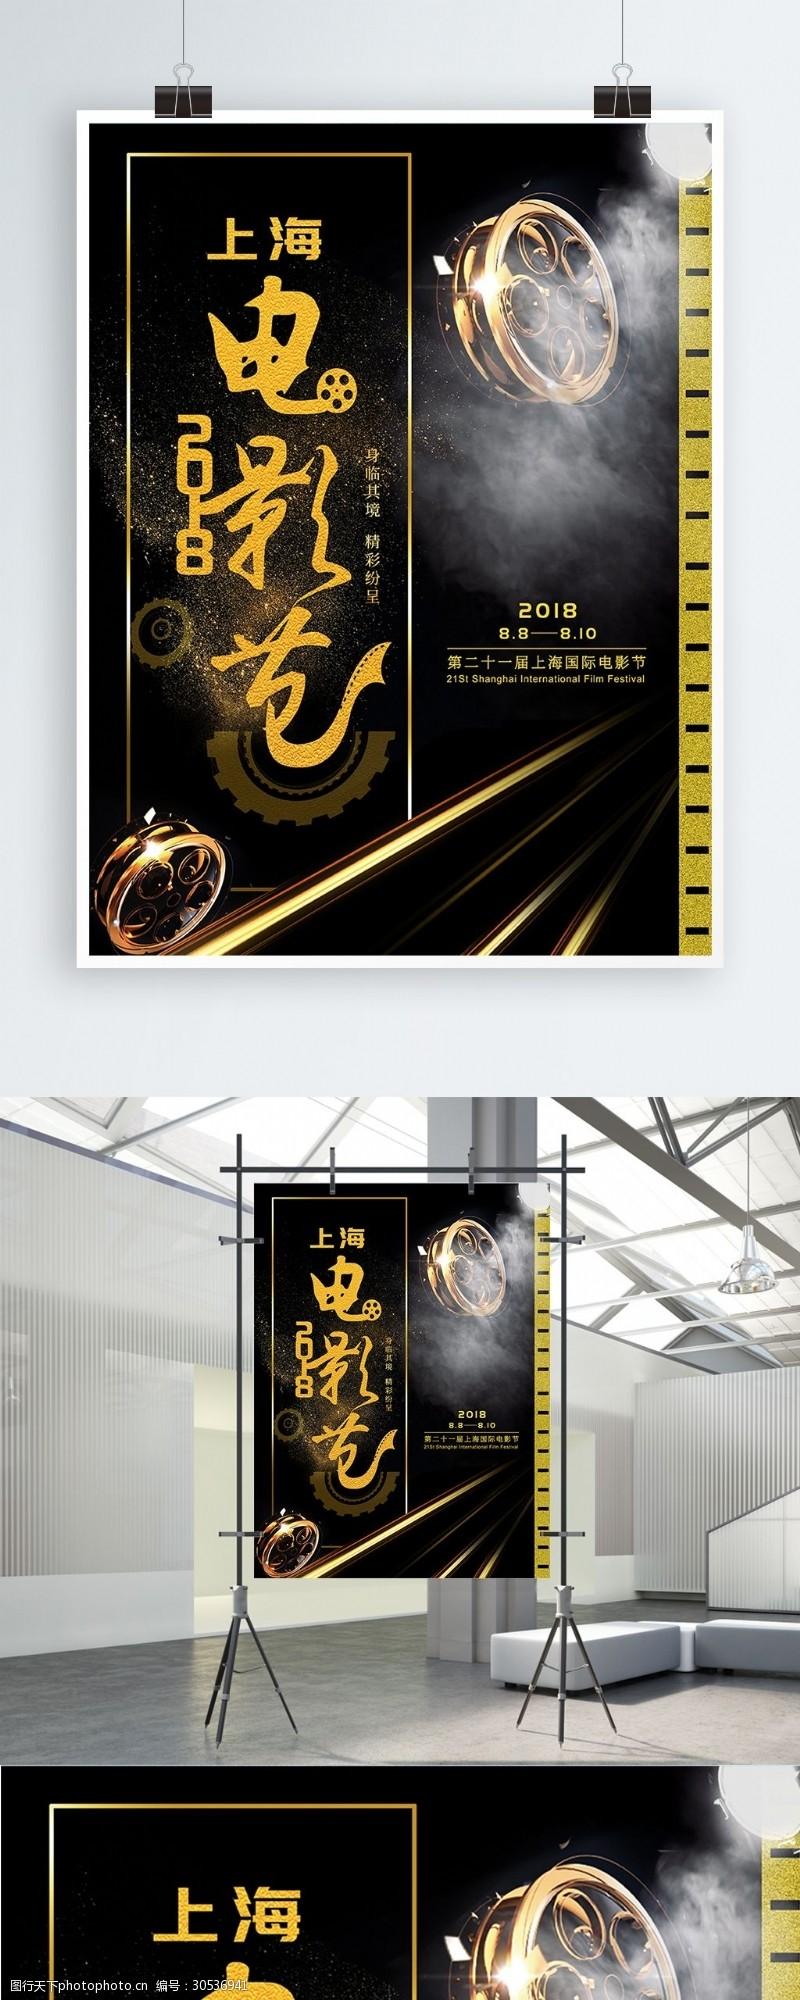 上海电影节大气黑金色电影节海报